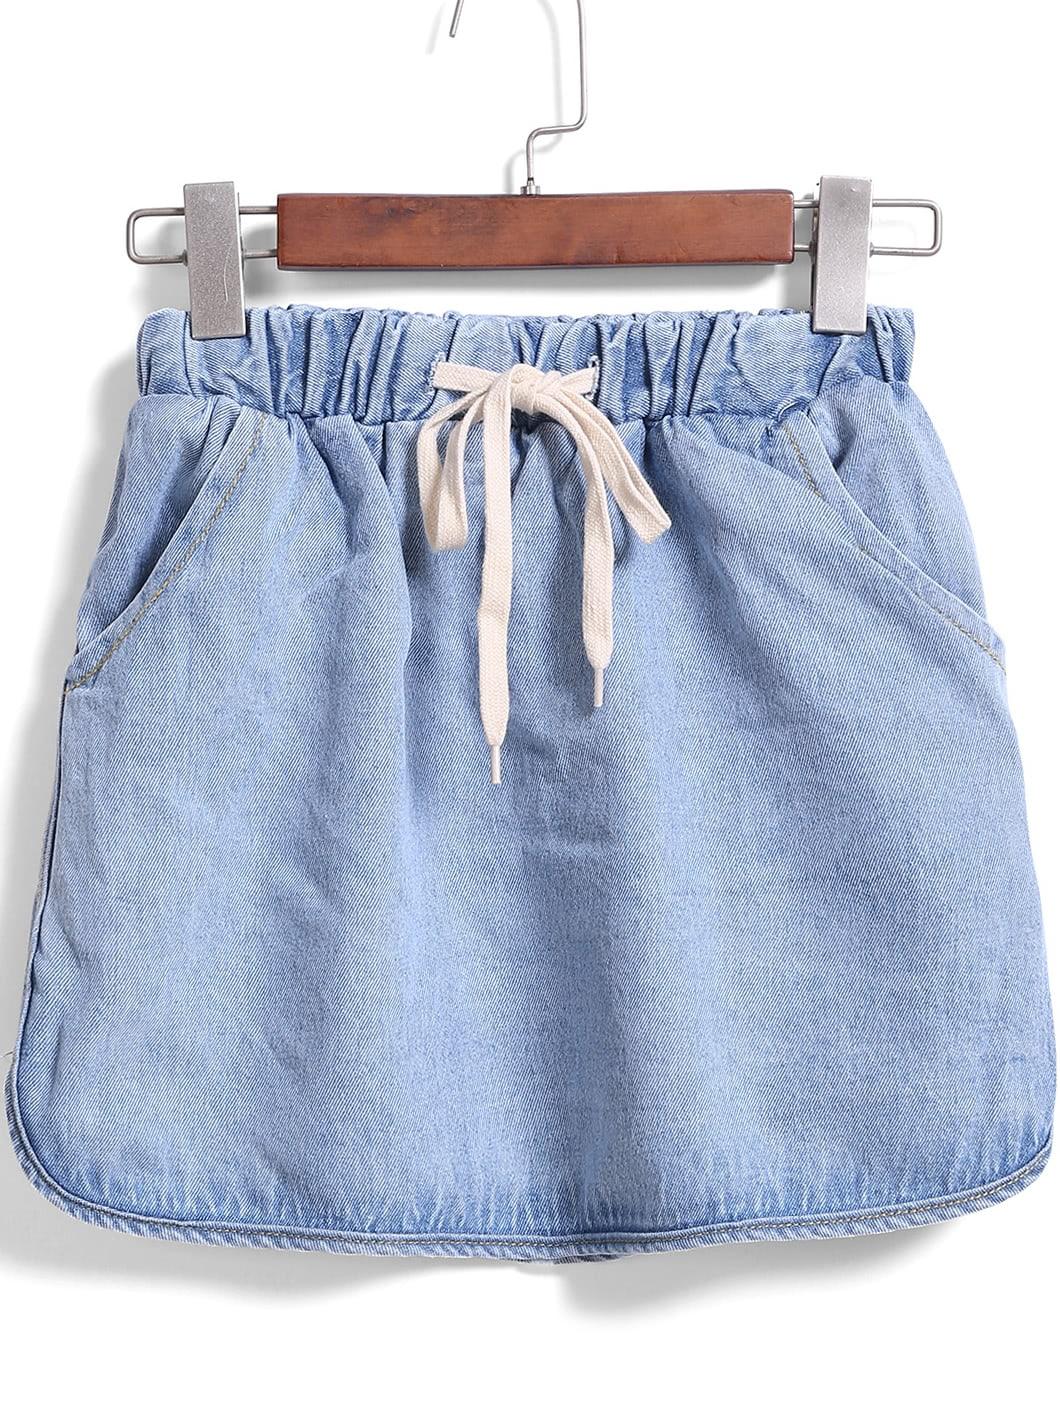 Голубая юбка в спортивном стиле на кулиске от SheIn